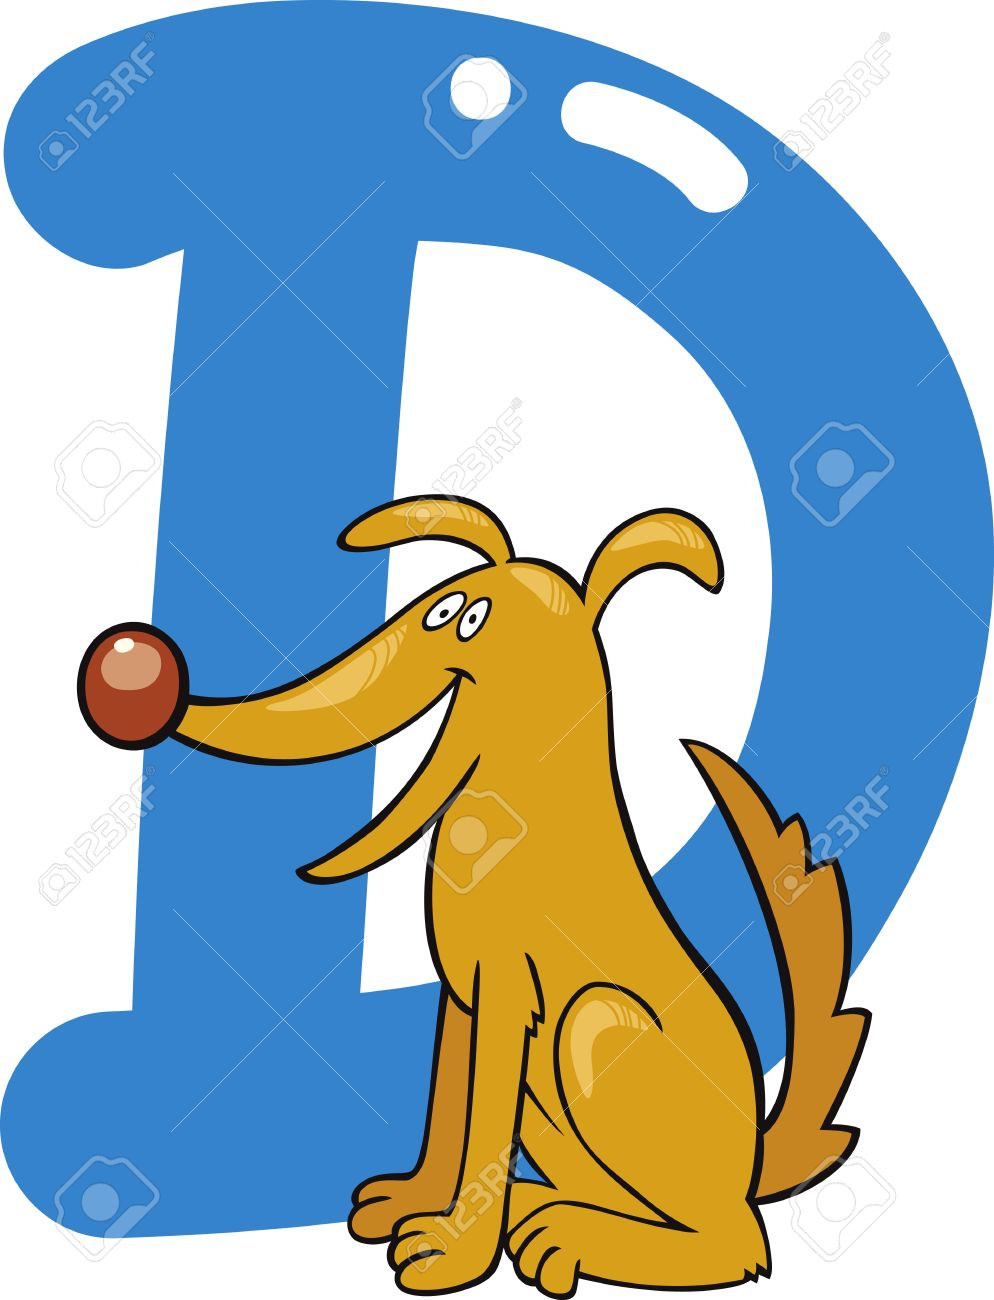 Cartoon illustration of d letter for dog royalty free cliparts cartoon illustration of d letter for dog altavistaventures Image collections